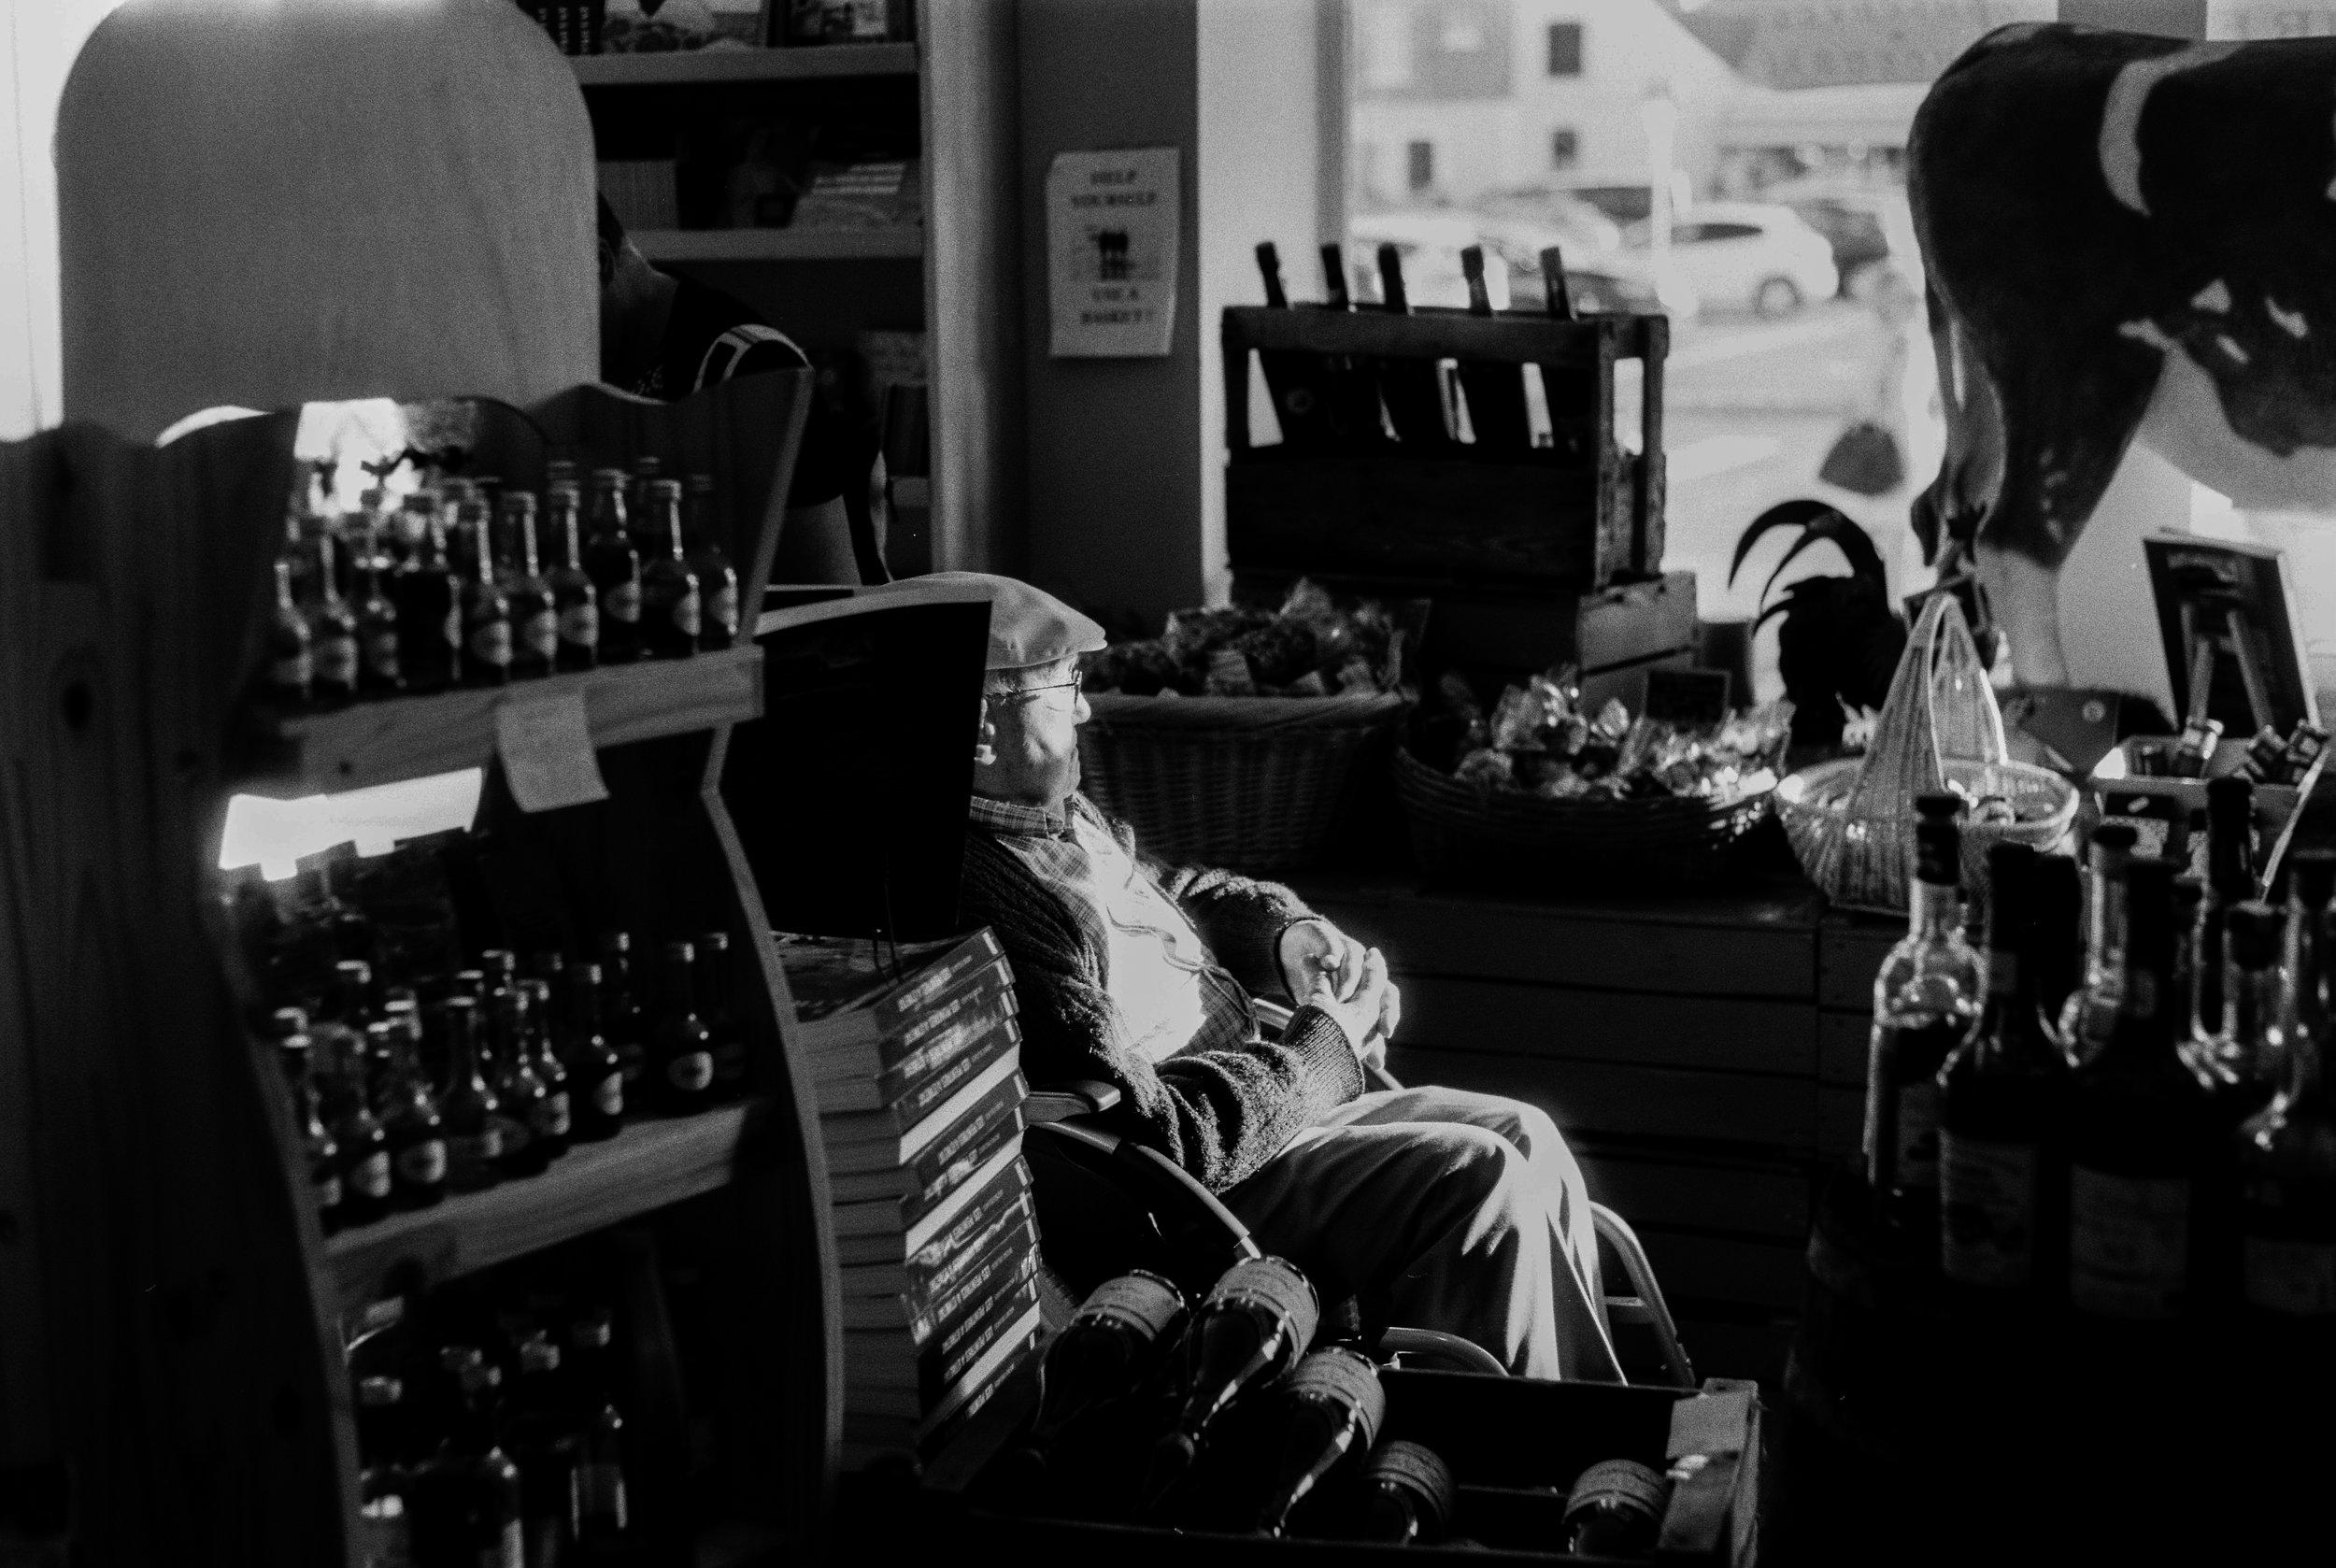 TaraShupe_NormandyFrance_MinoltaFilm_Vintage_011.jpg